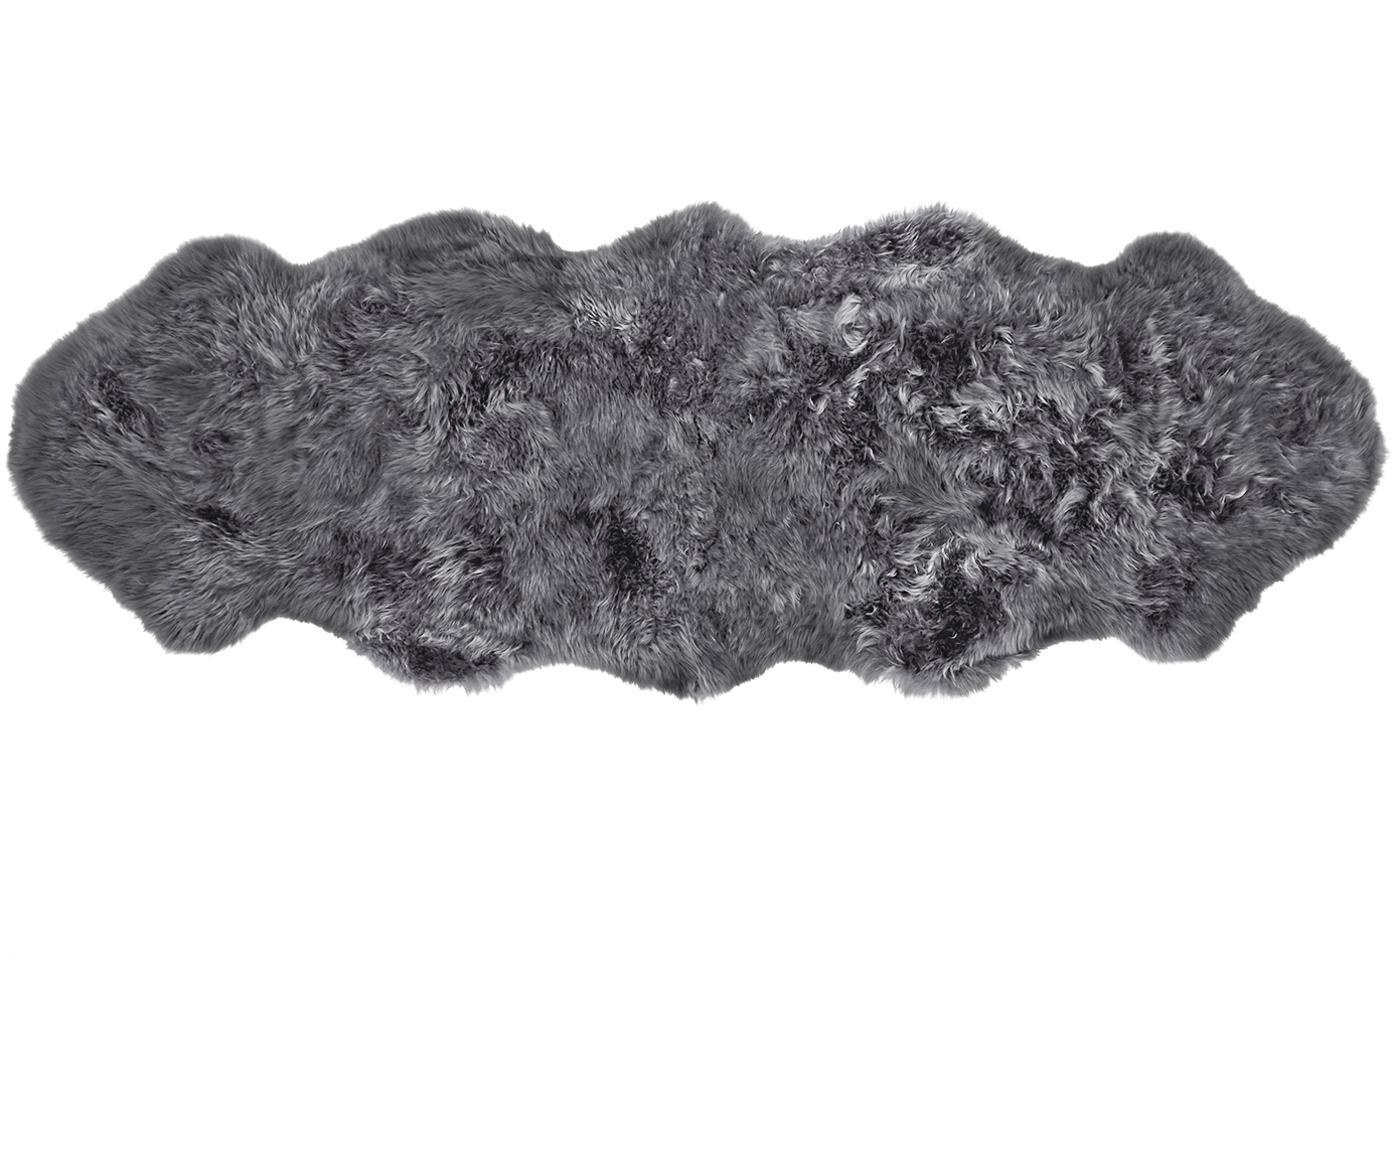 Tappeto in pelliccia di pecora Oslo, Retro: 100% pelle, rivestito sen, Grigio scuro, Larg. 60 x Lung. 180 cm